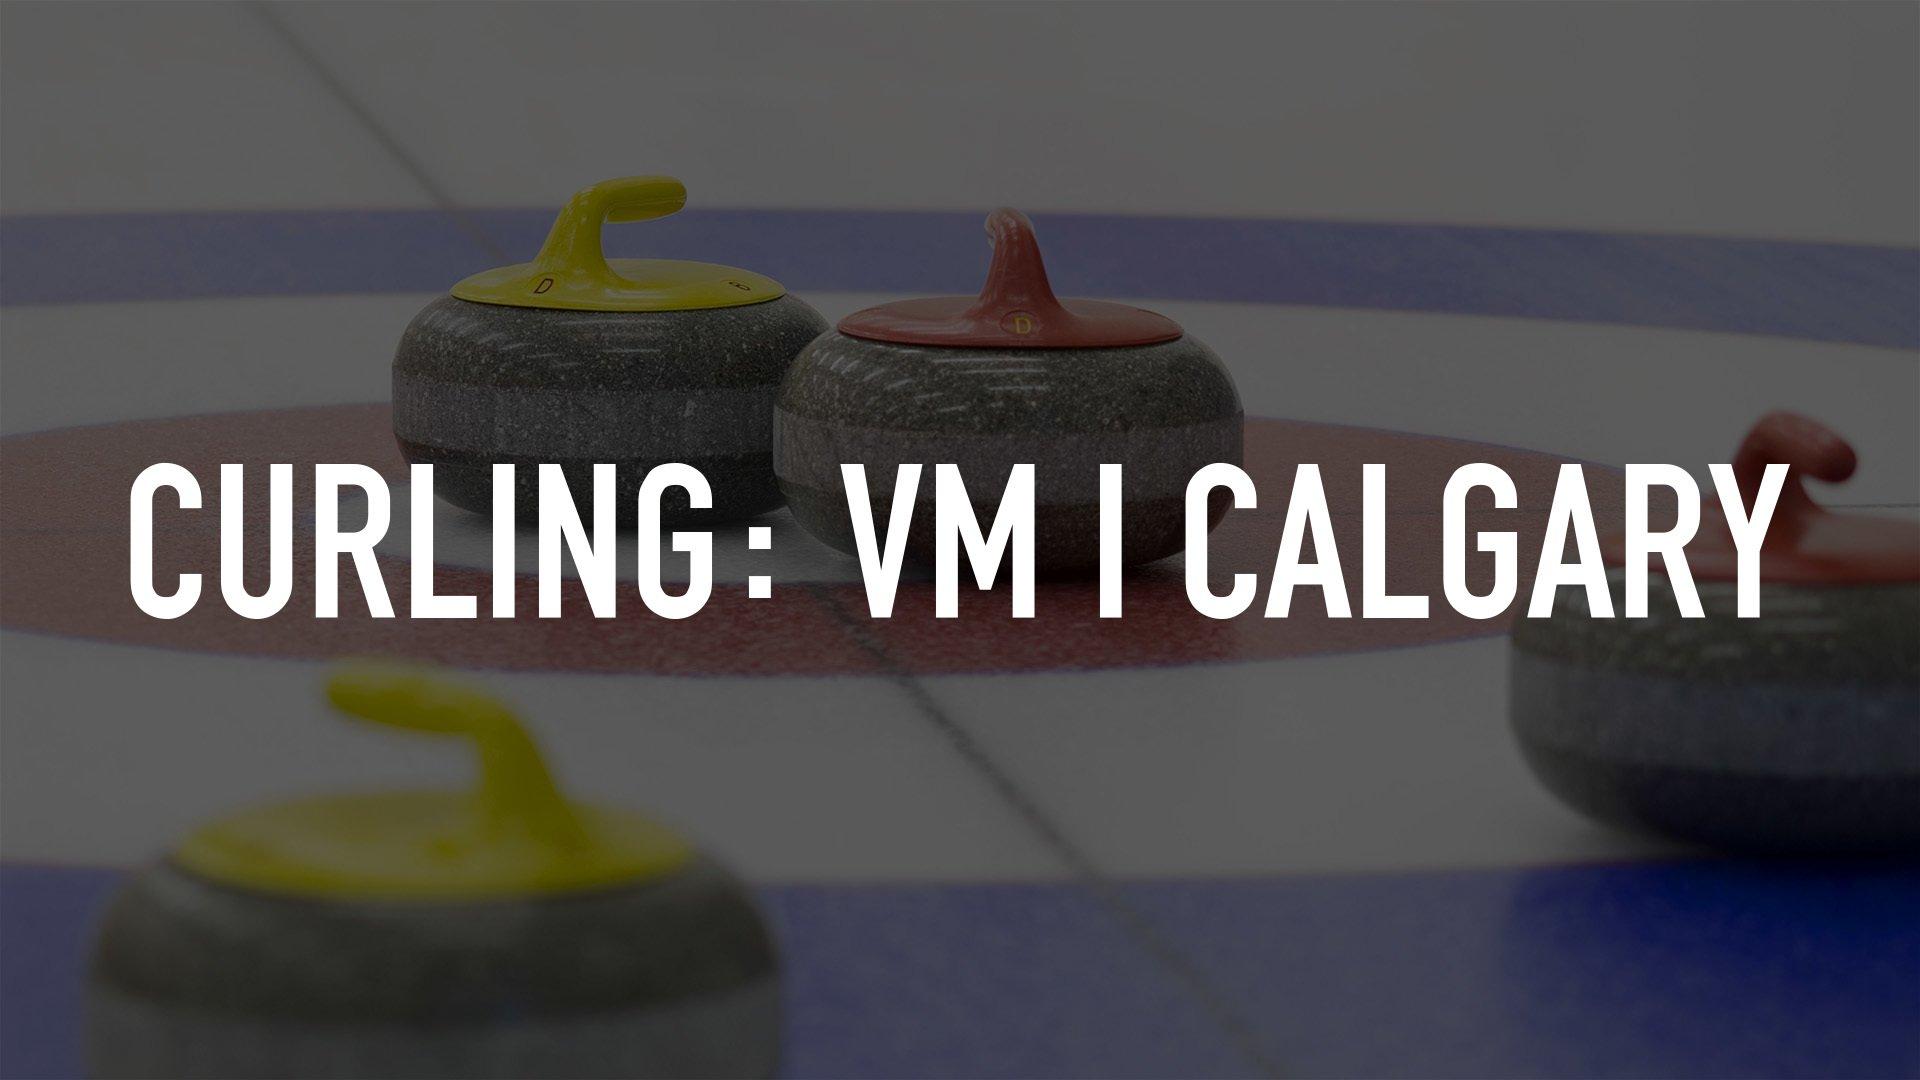 Curling: Vm I Calgary